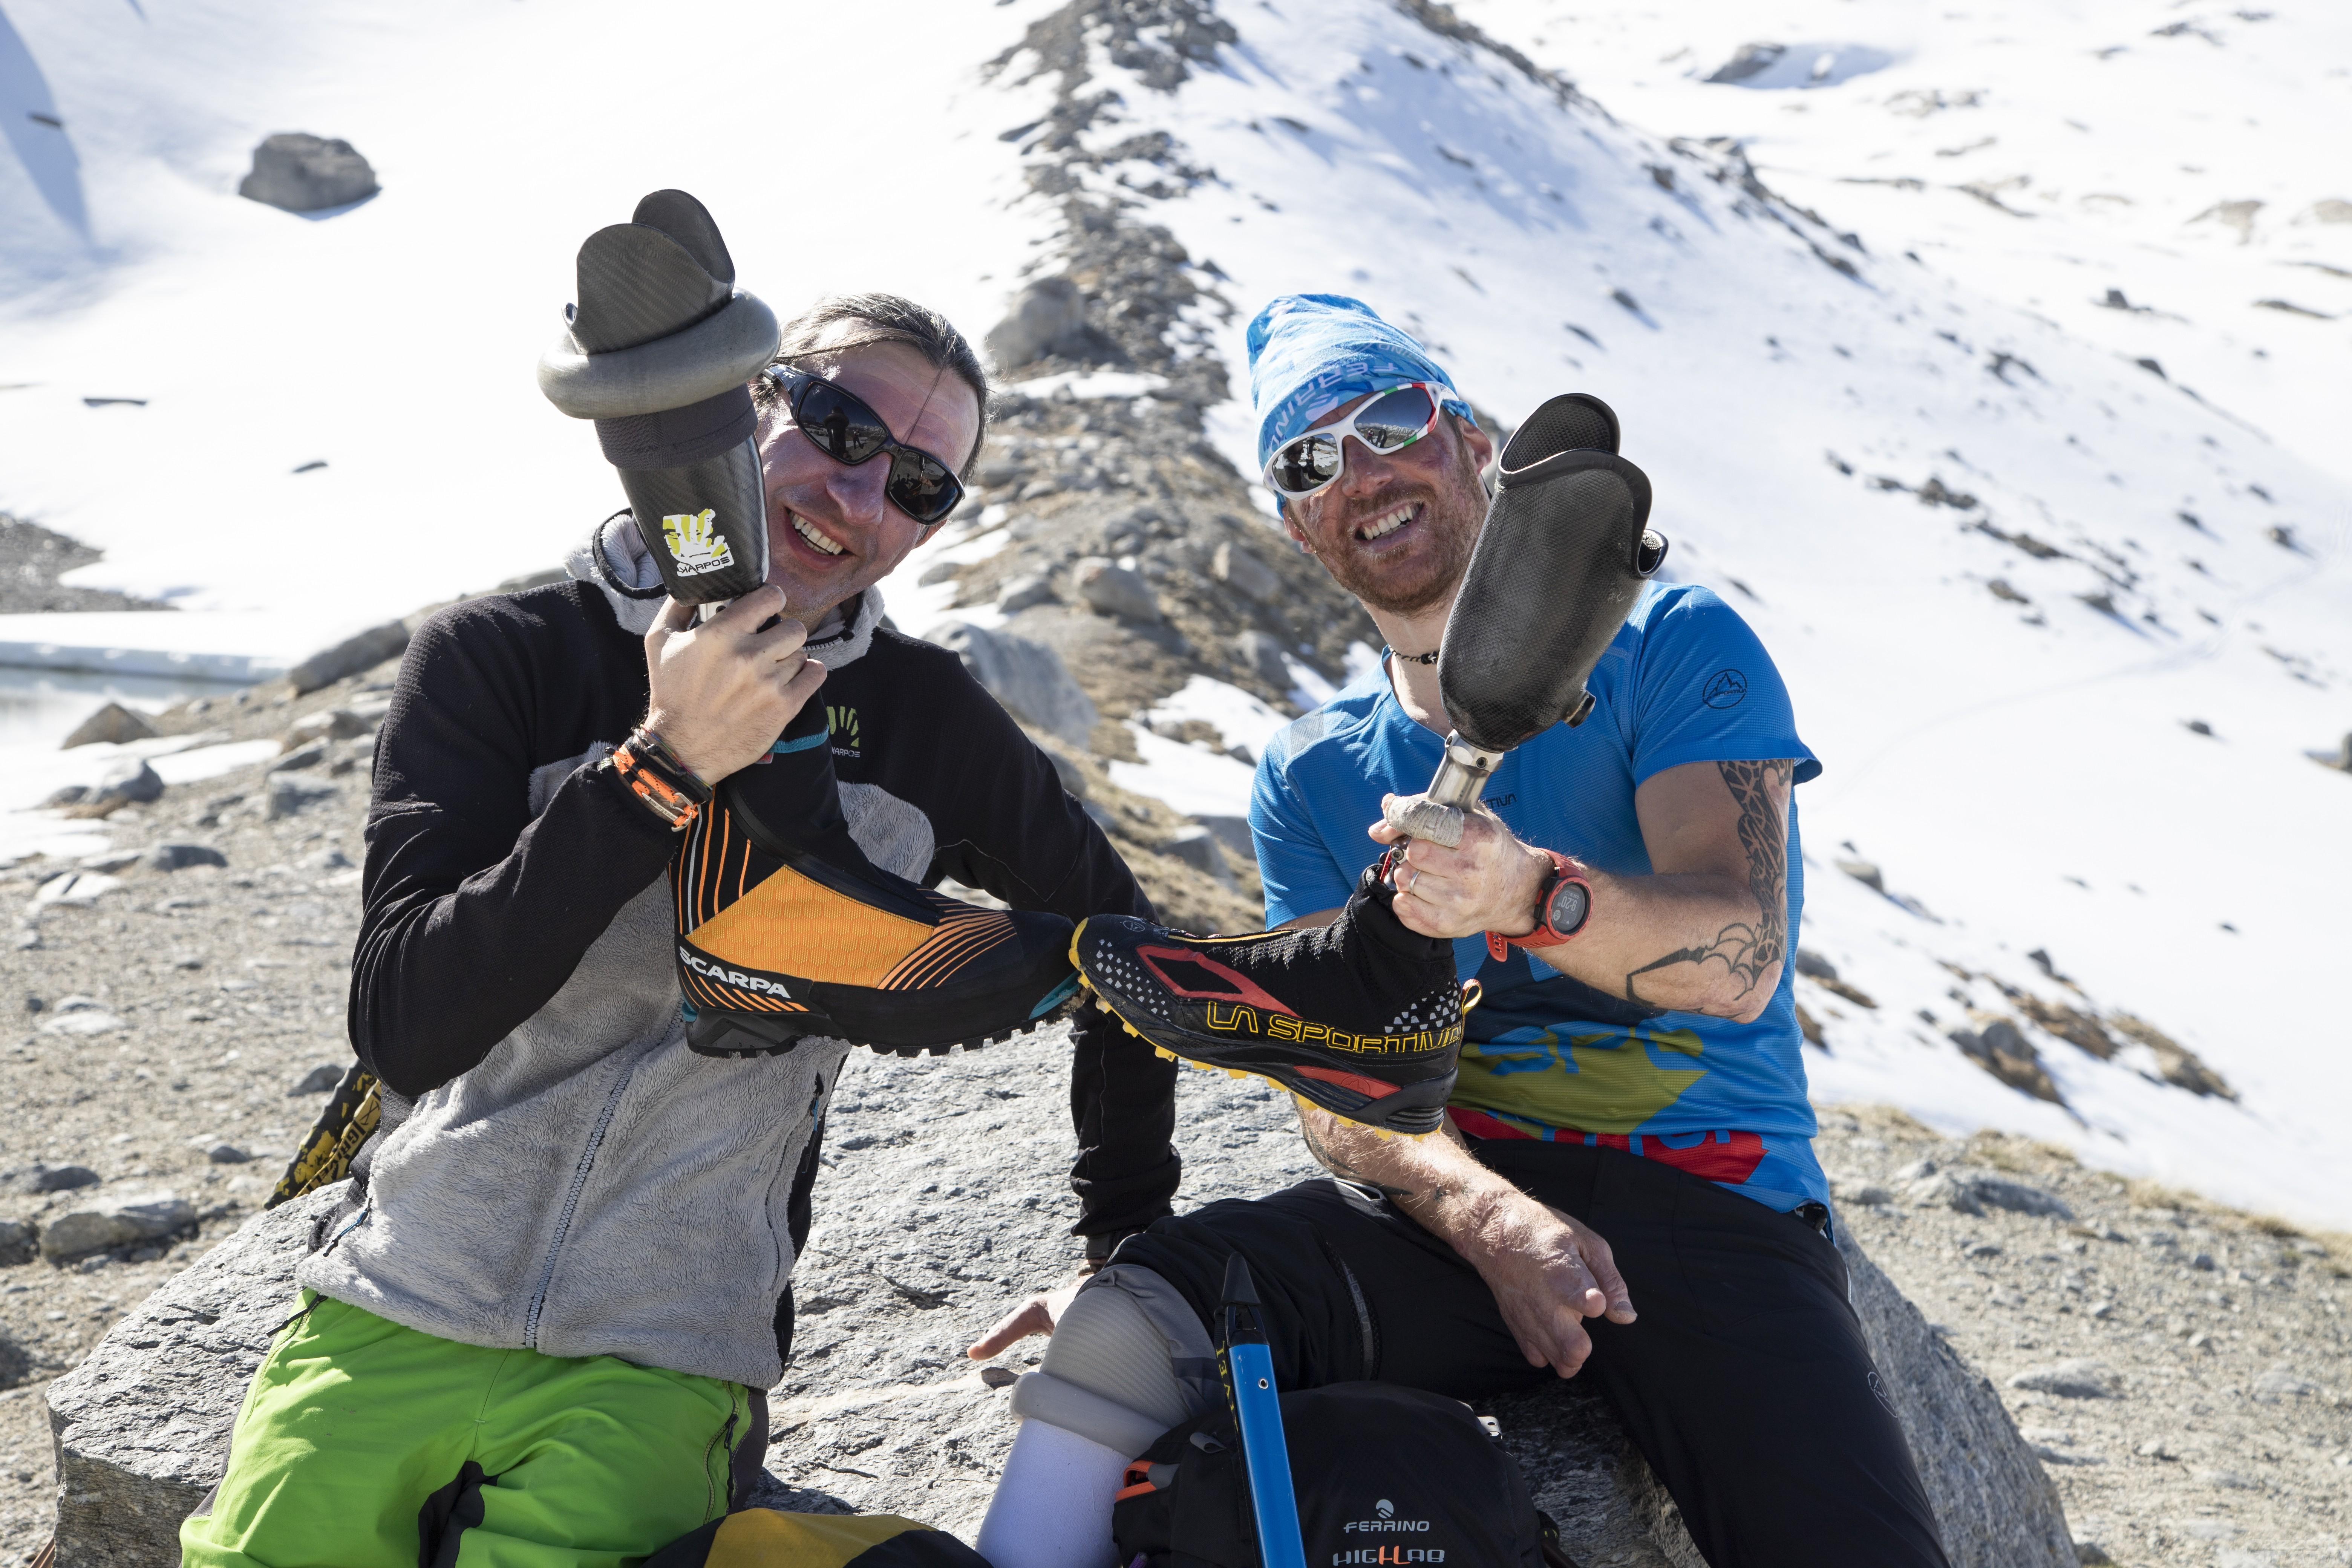 Quando la disabilità non è un ostacolo: coppia di amici tenta l'impresa sul Monte Rosa